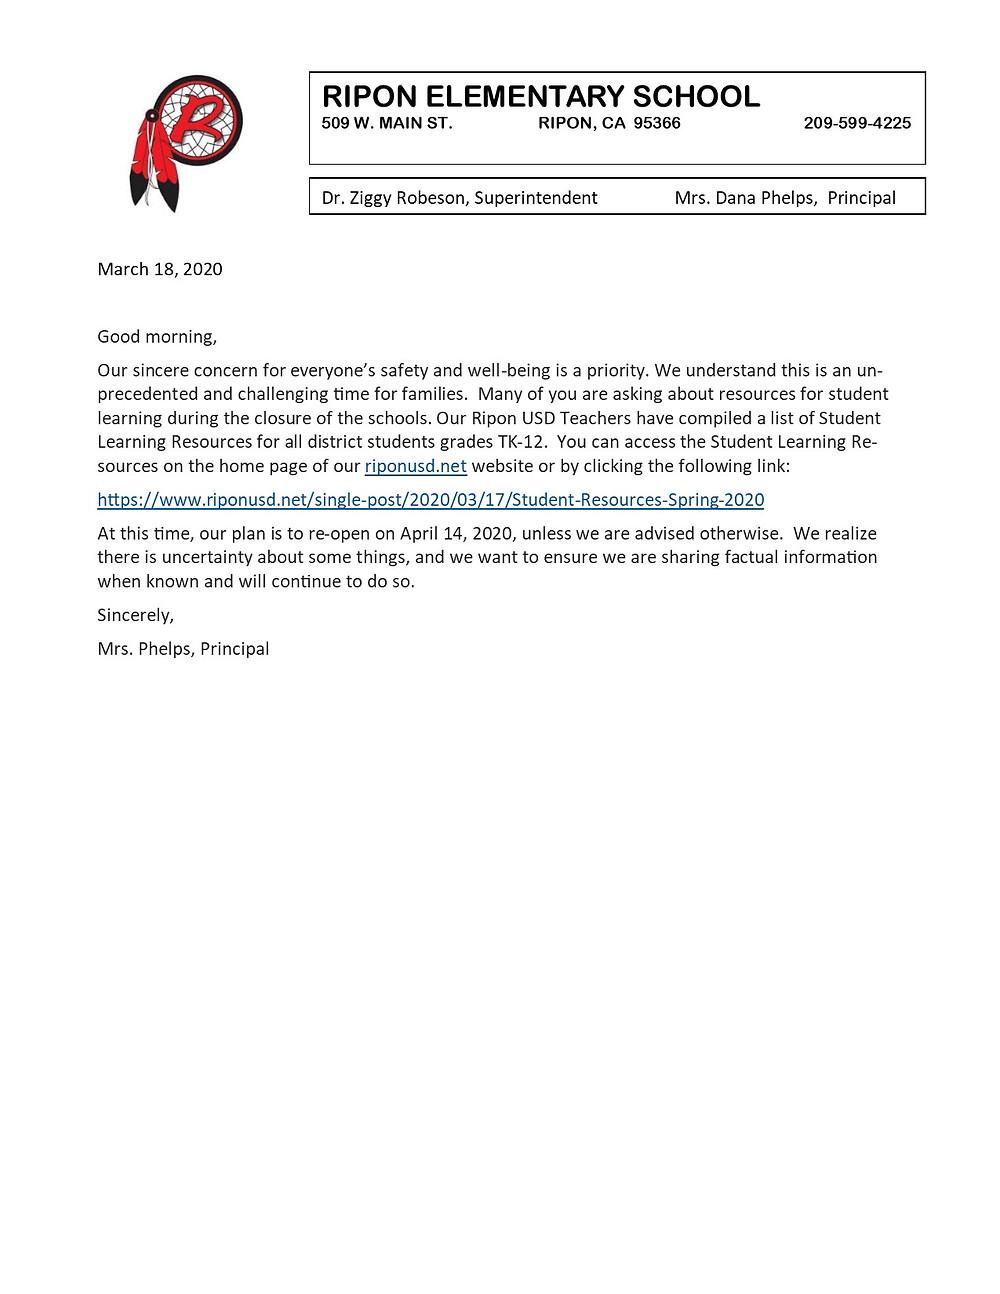 Parent Resources Letter